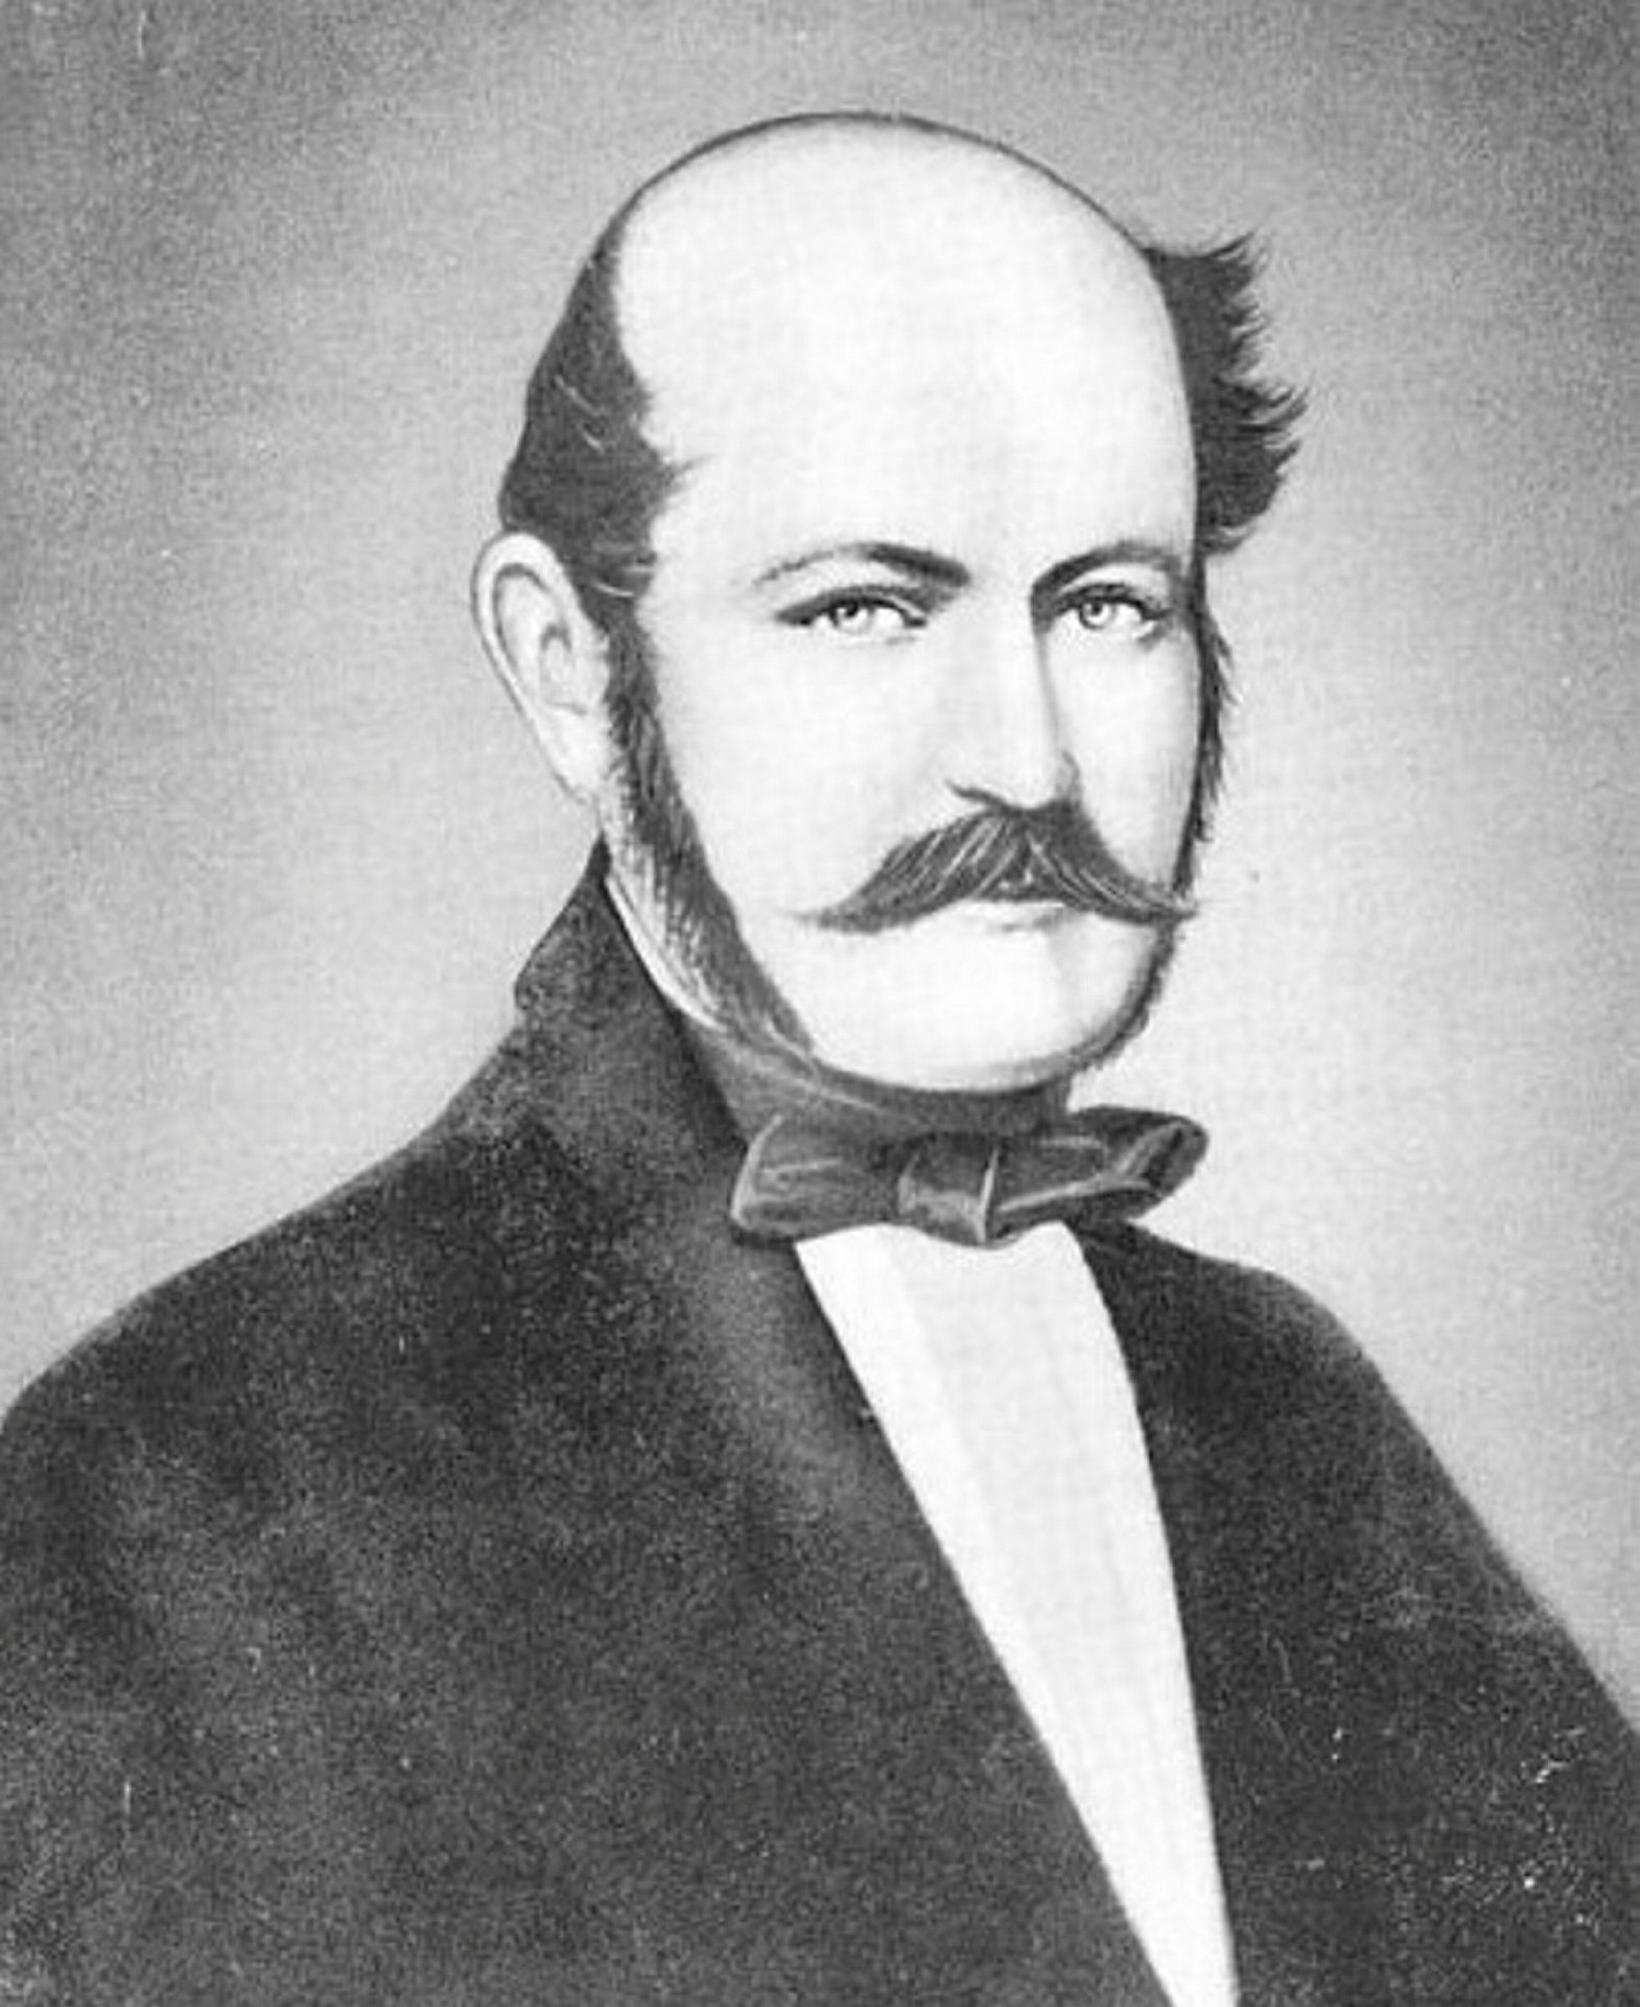 Ignaz Semmelweis fékk á endanum uppreisn æru.